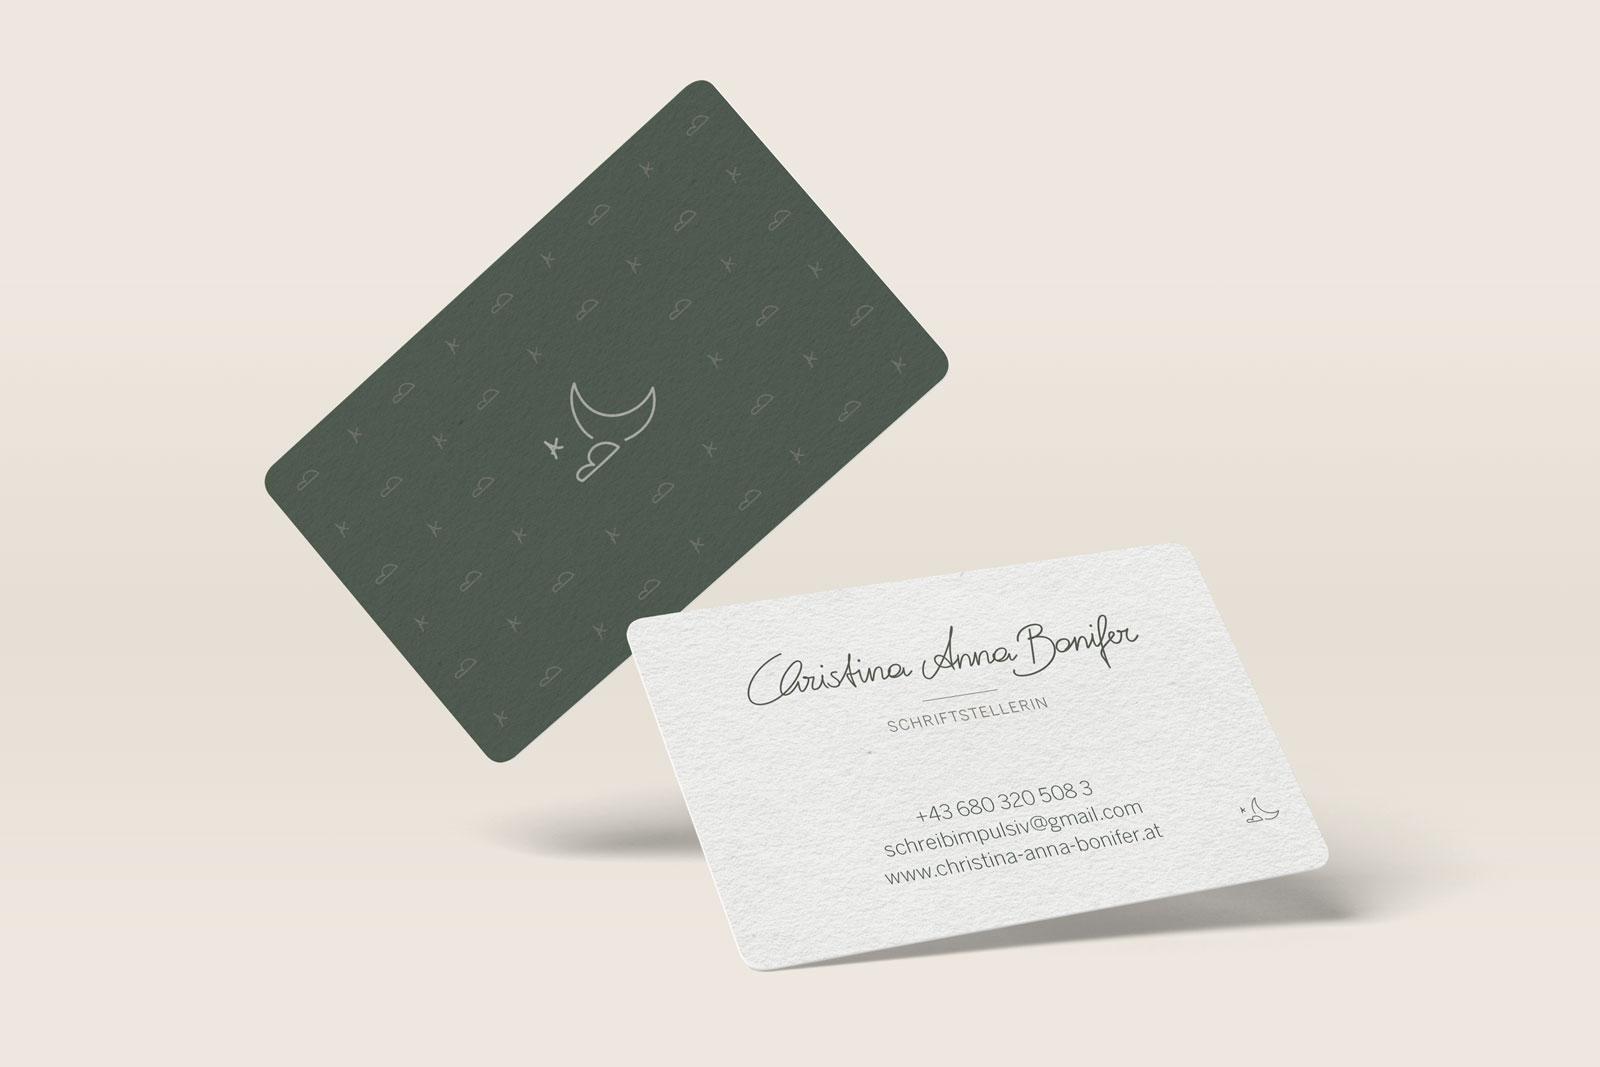 Visitenkarten mit Logo Design gestalten lassen Schriftstellerin